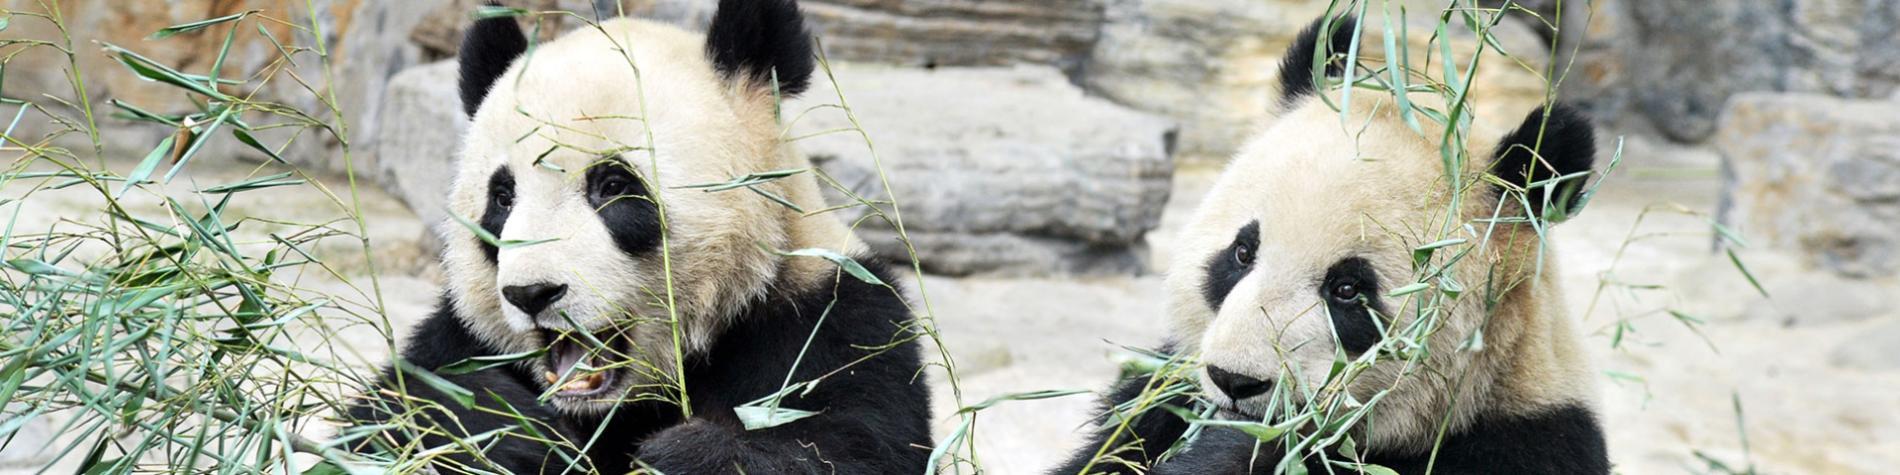 Parcs animaliers - animaux - Pandas